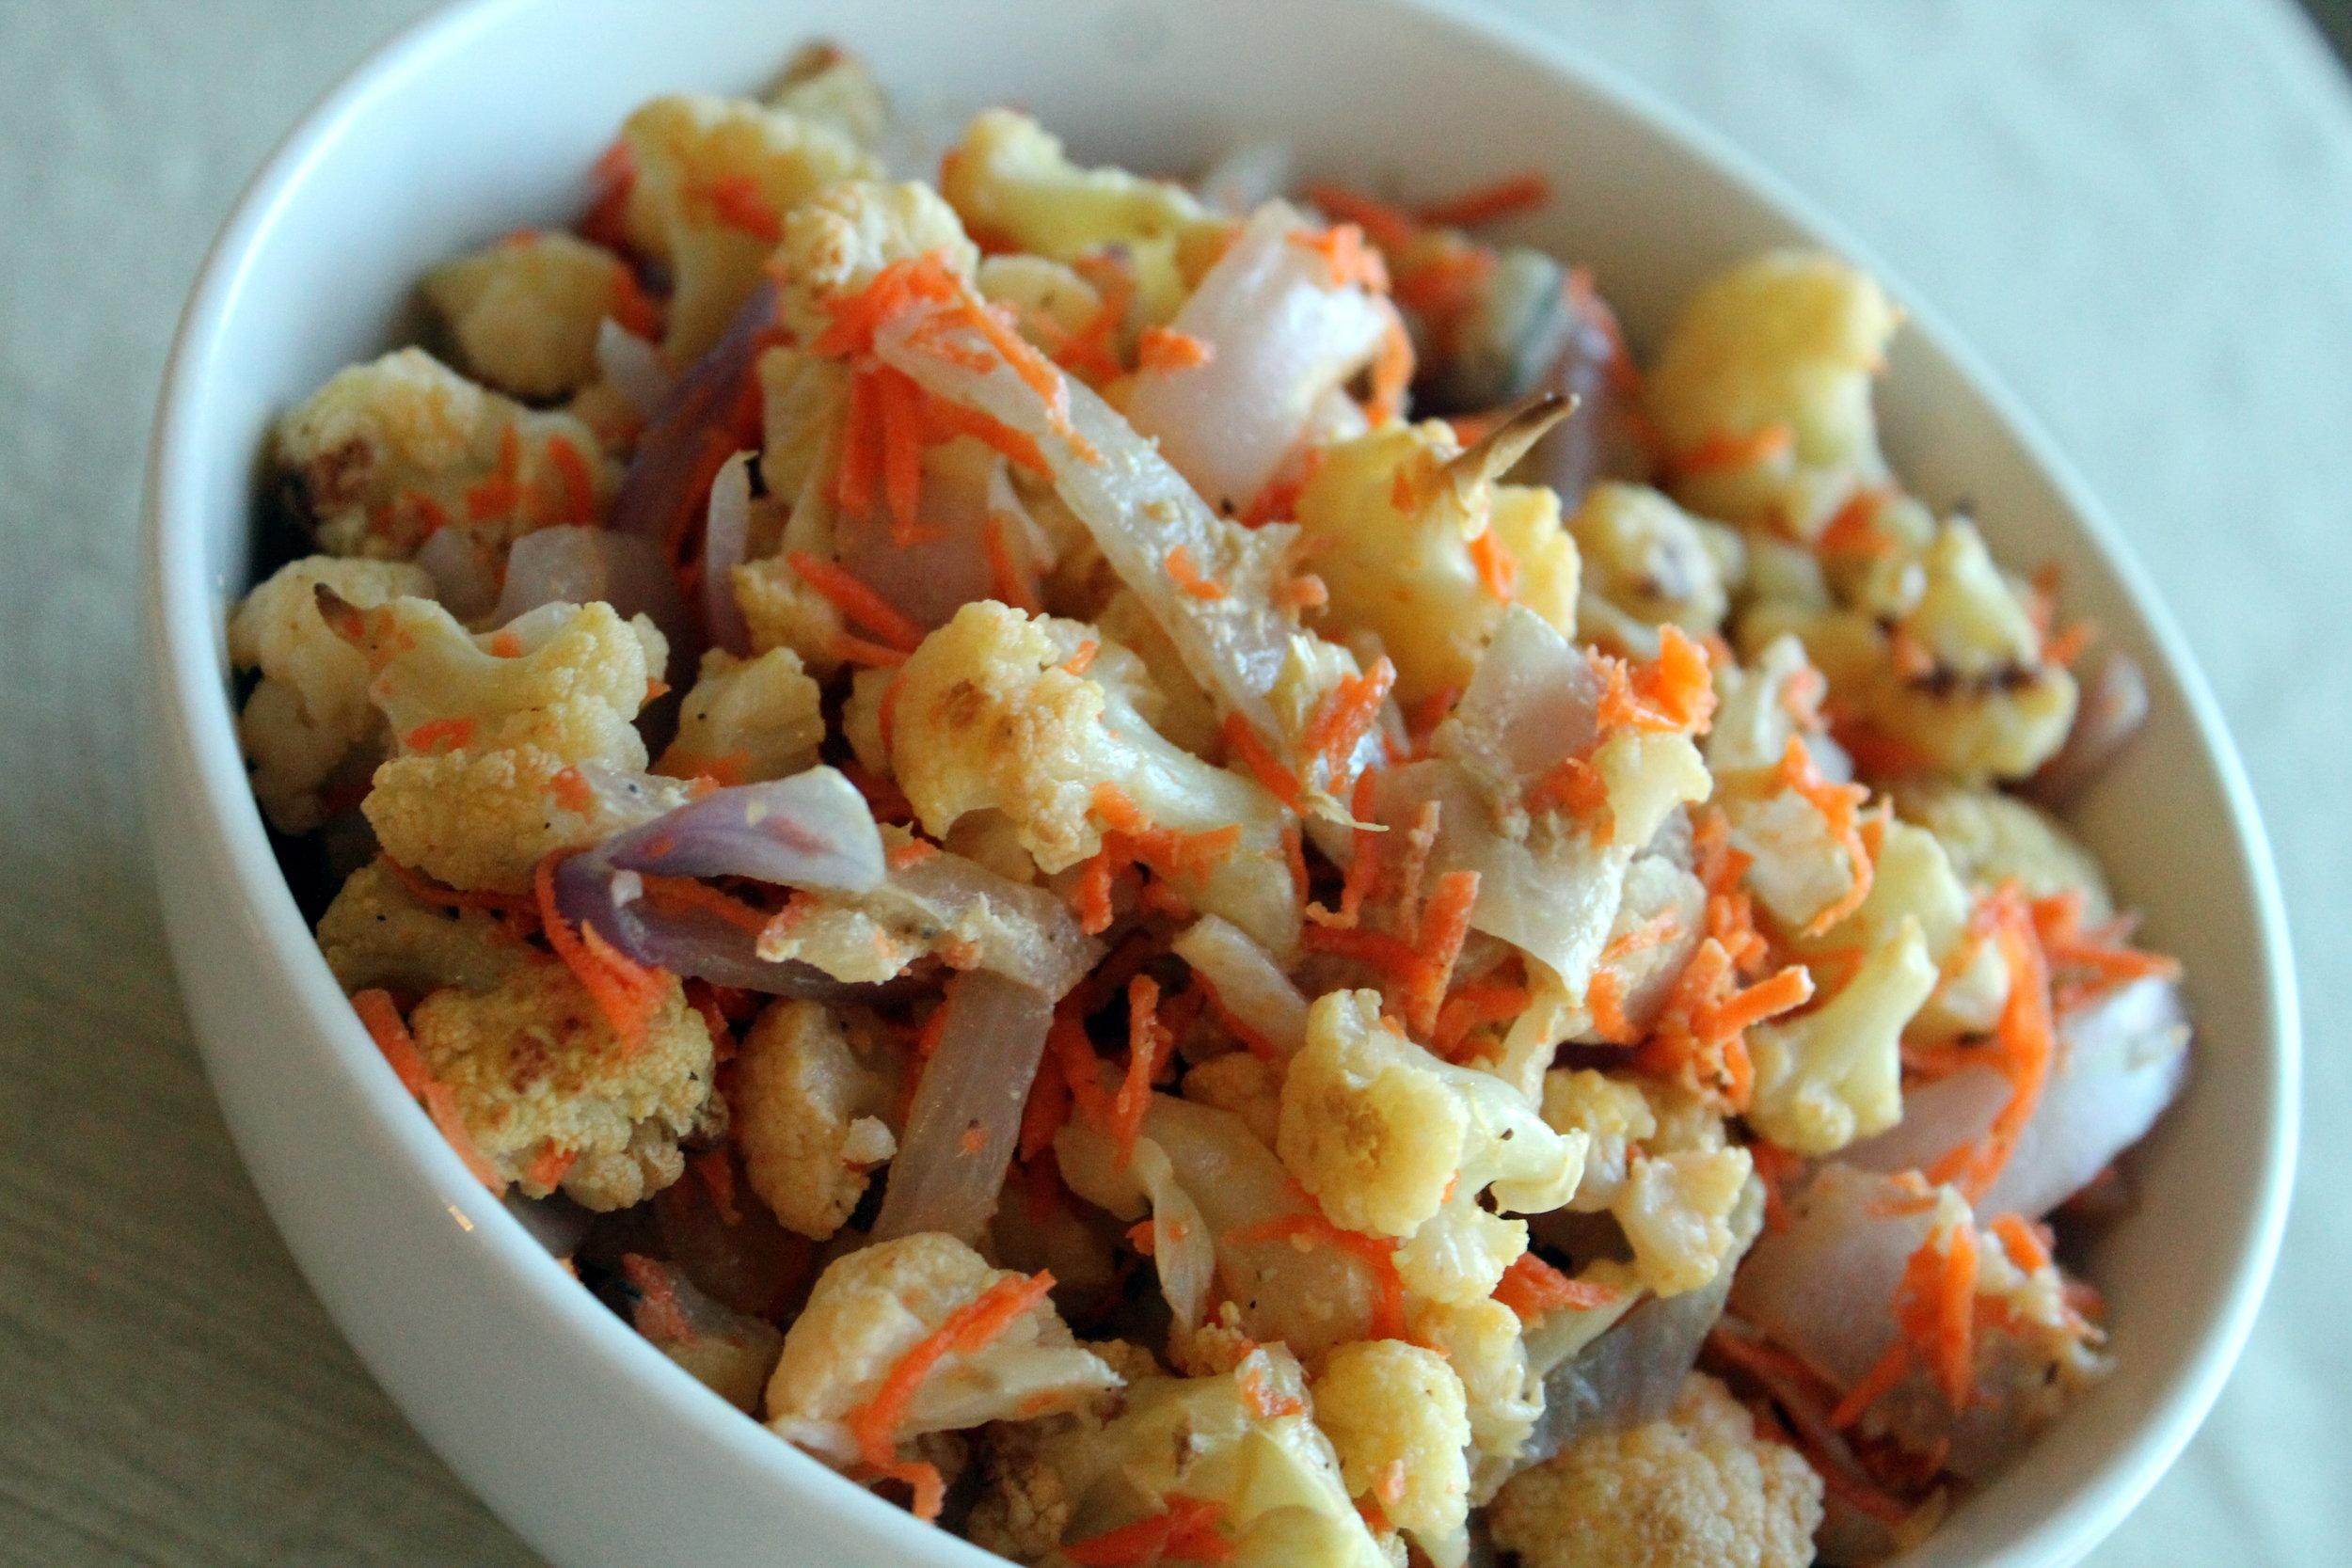 ... Cauliflower Tahini Salad + Baked Eggplant Sticks — Erica House